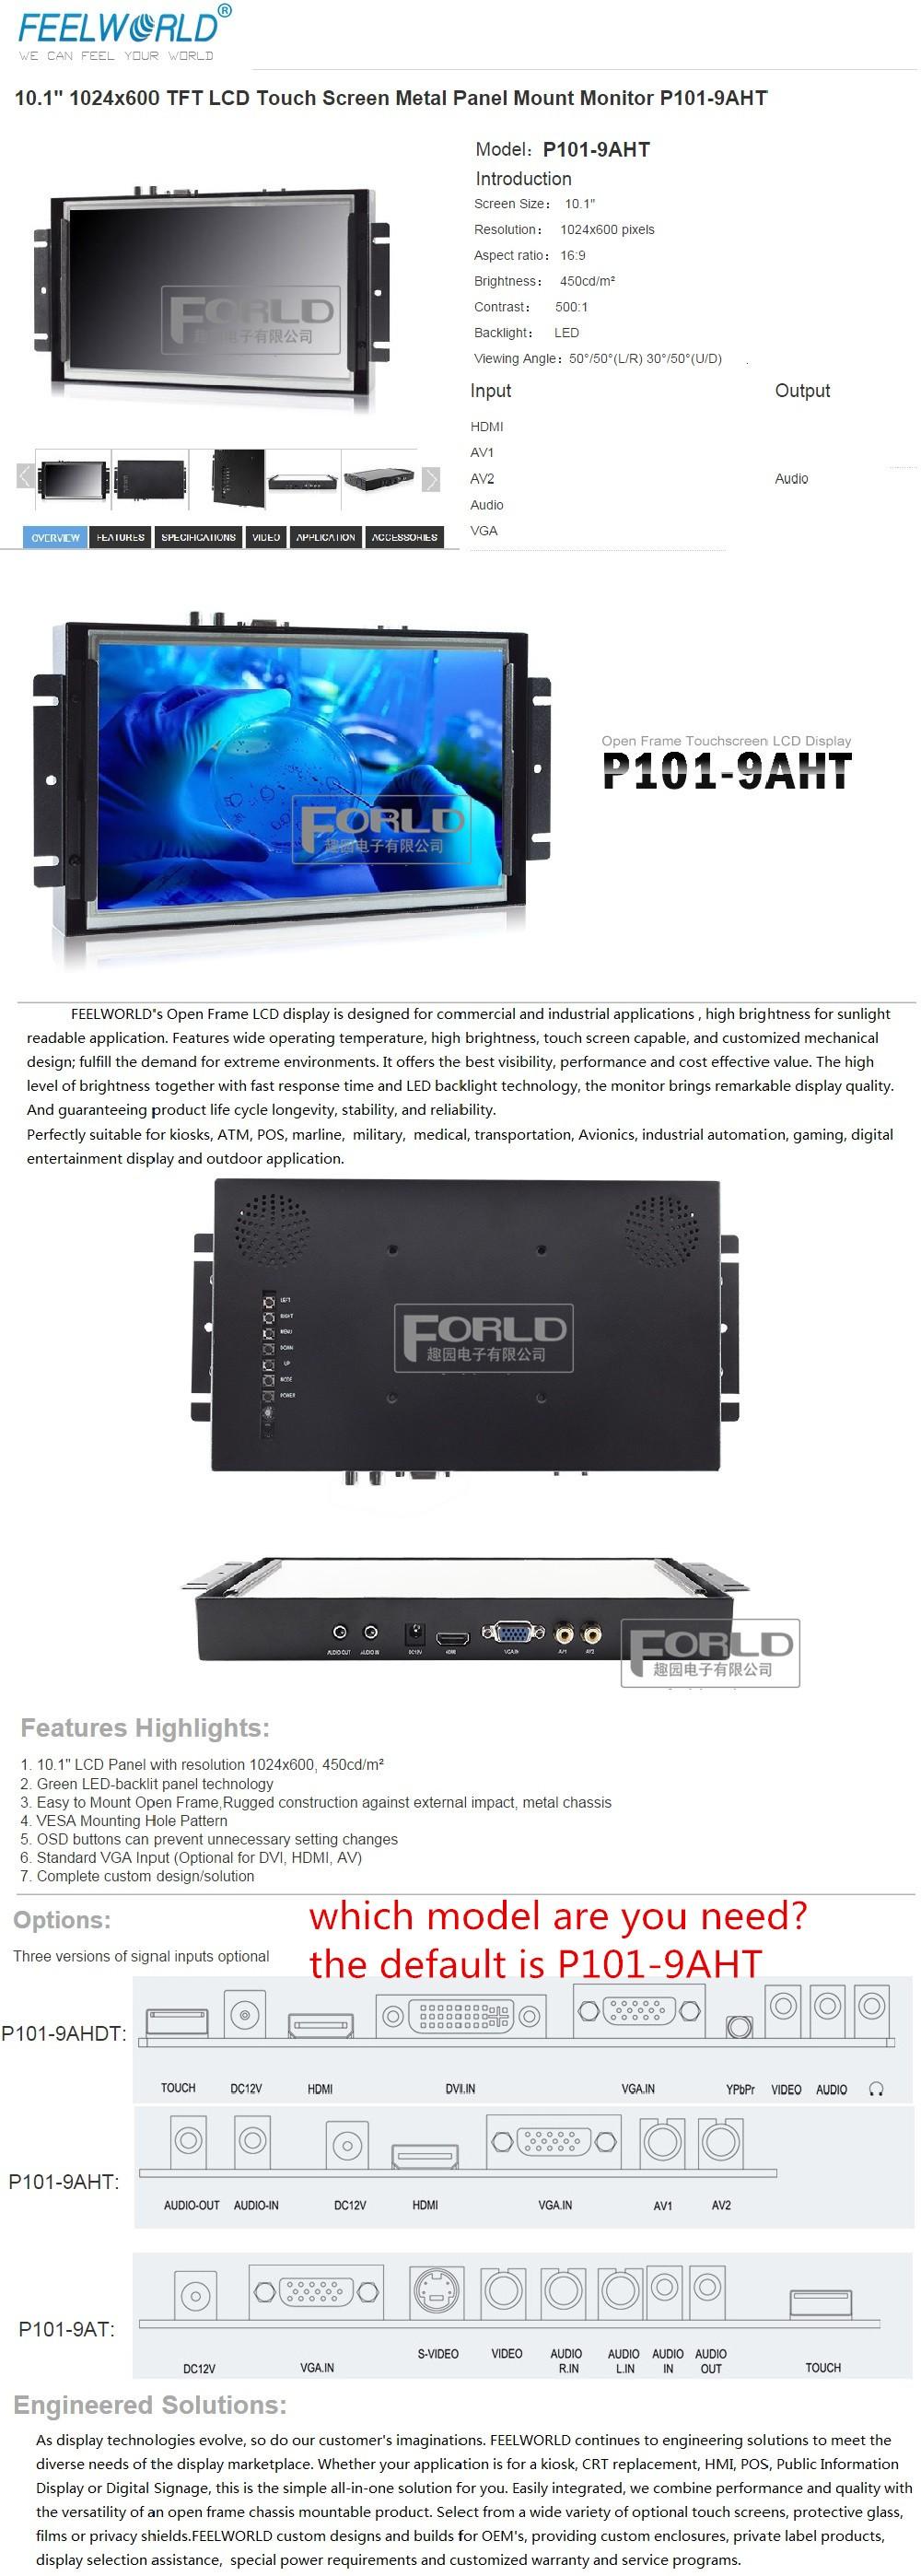 бесплатная доставка feelworld п101-9aht 10.1 дюймовый TFT ЖК-экран датчик металл для монтажа в панель монитор открытой рамки Сид проблемка также carpc монитор